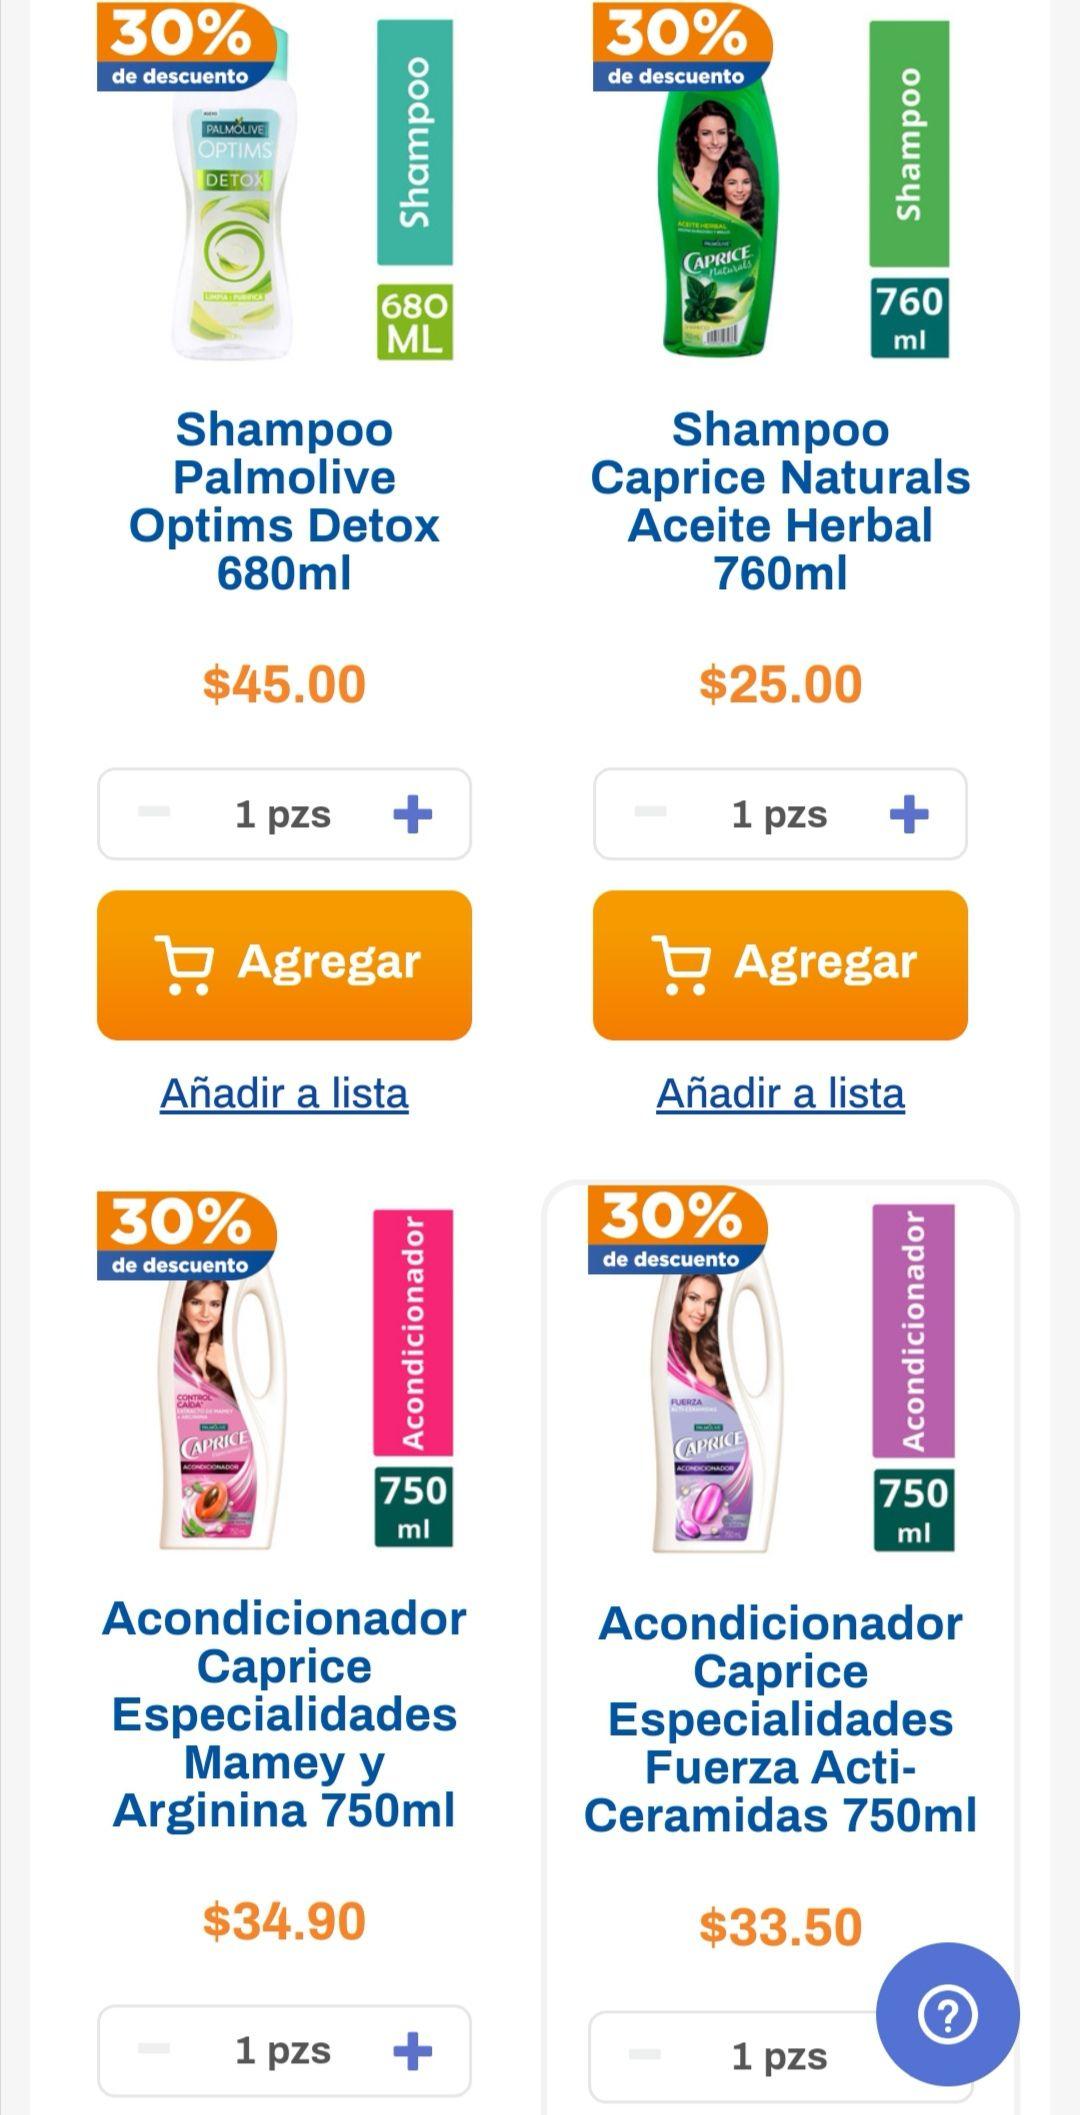 Chedraui: 30% de descuento en variedad de shampoos Caprice, Stefano y Optims